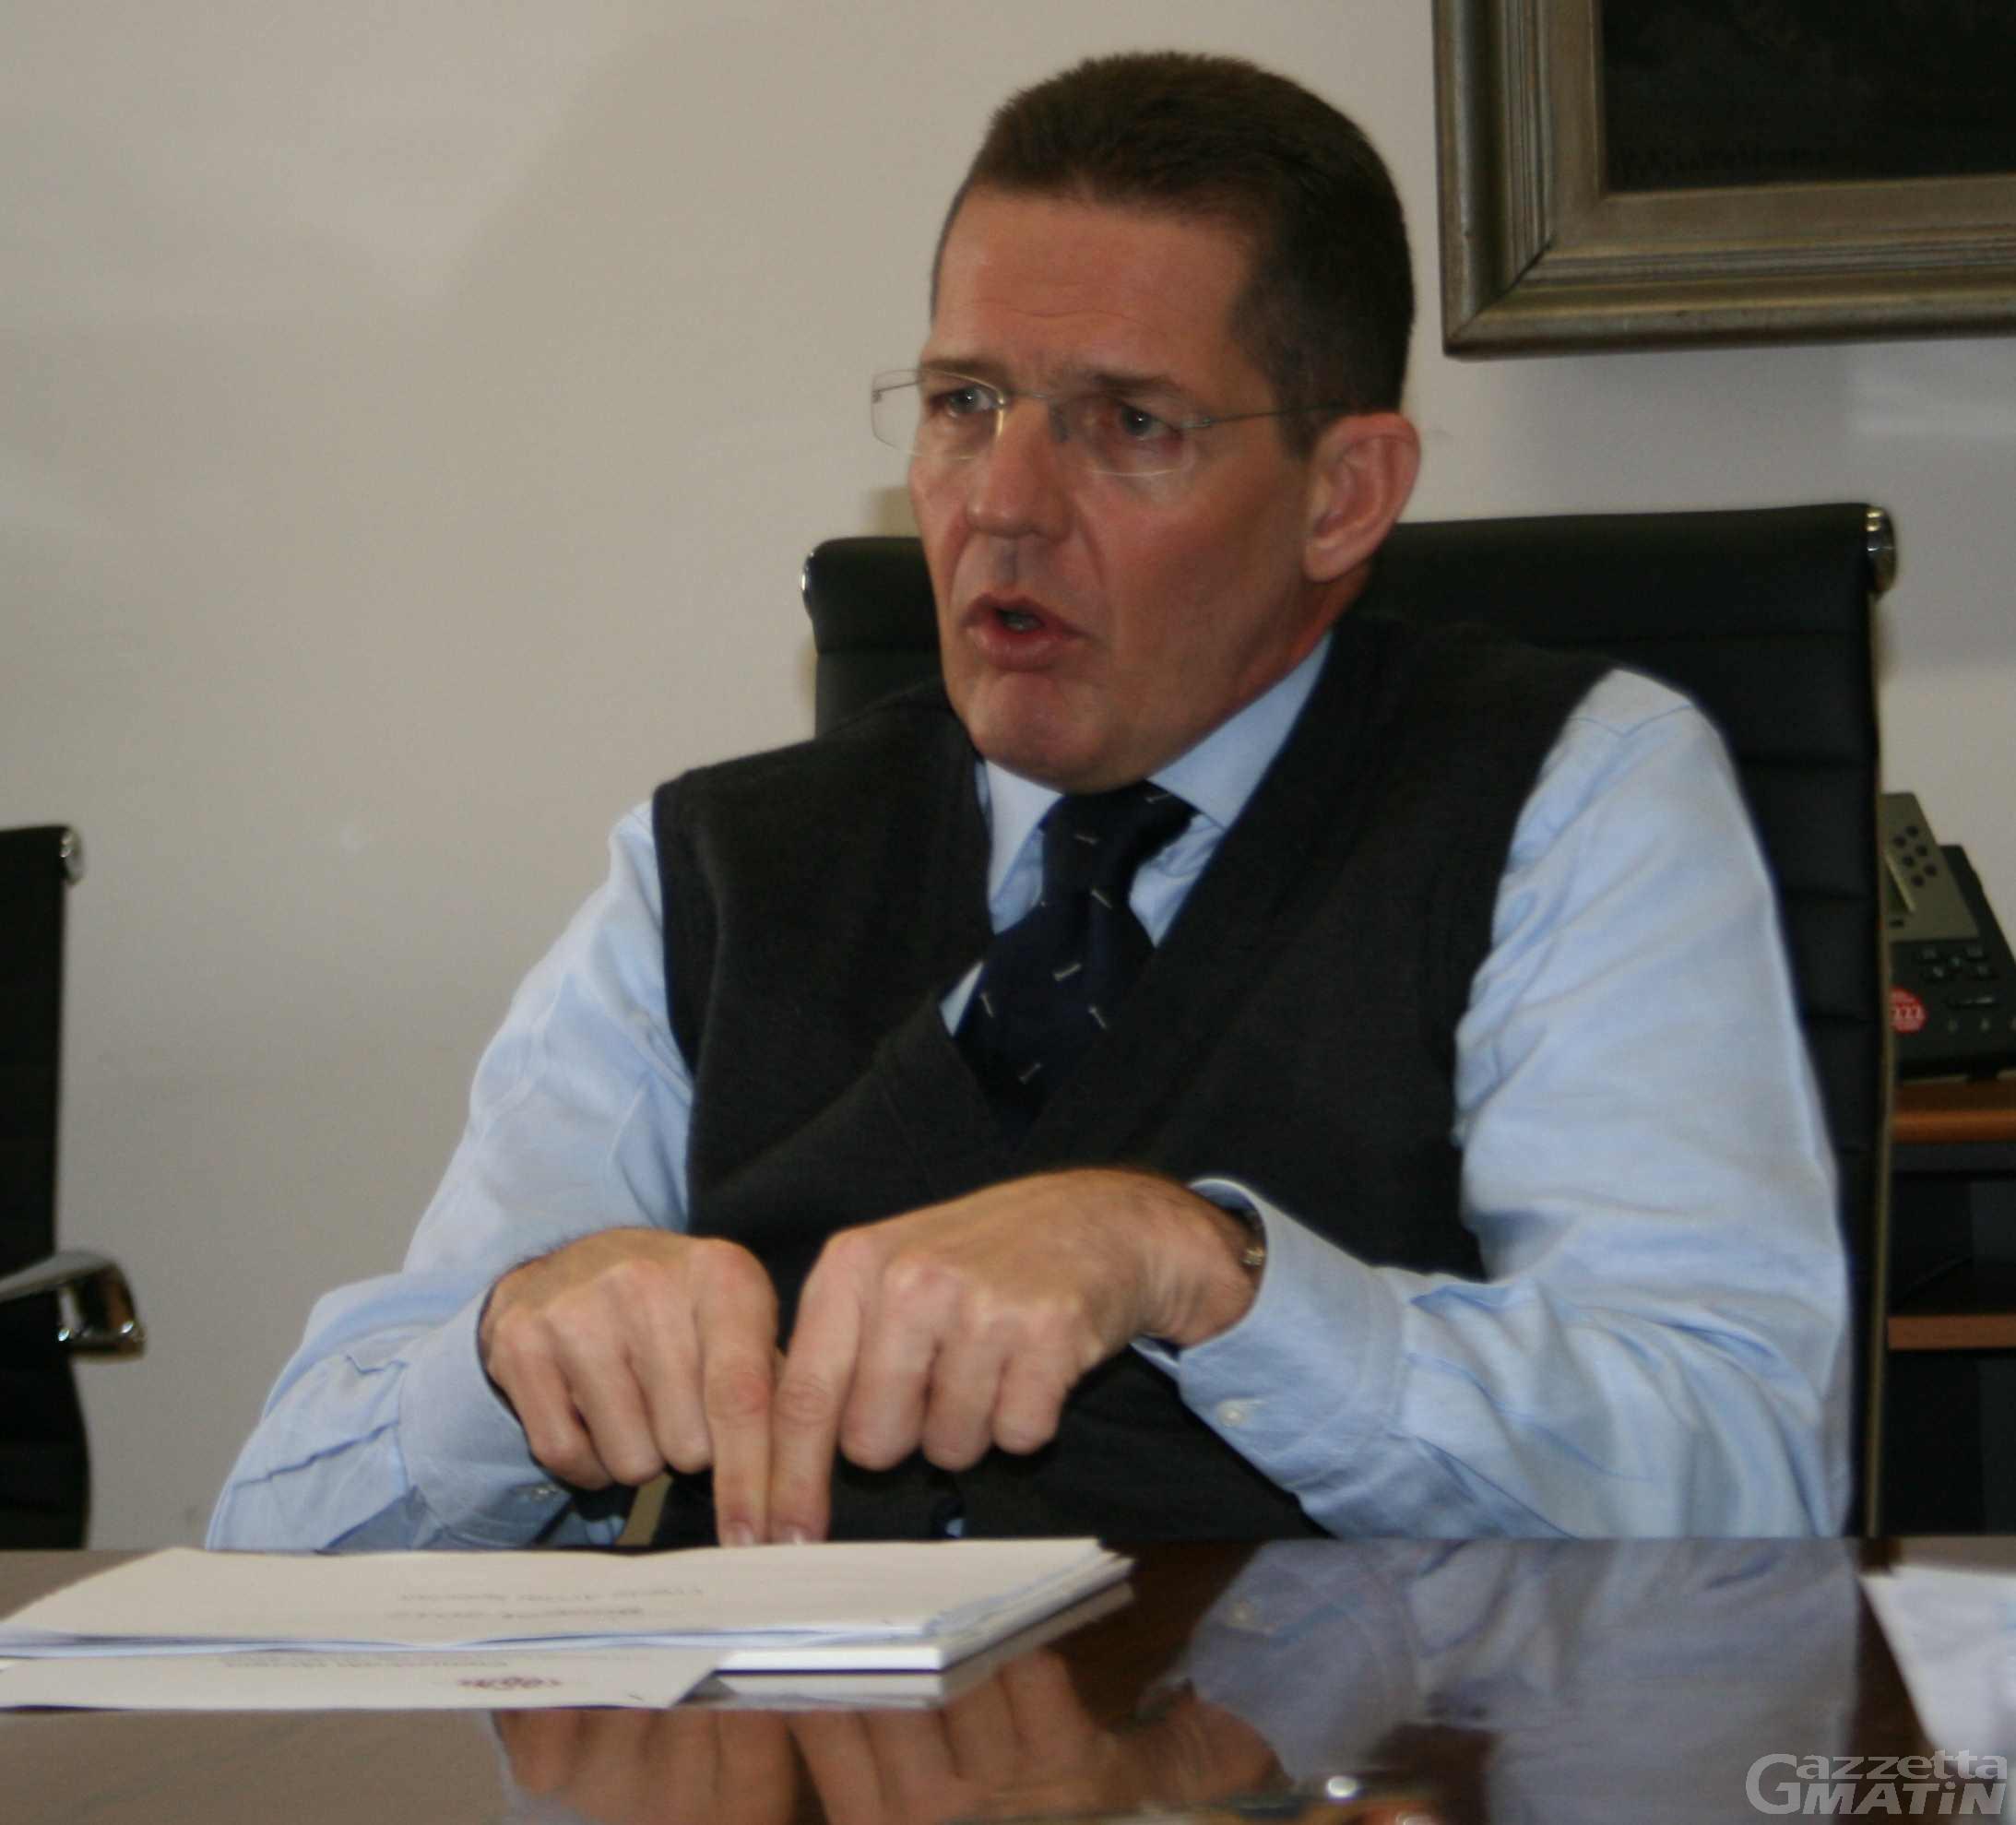 La Cogne Acciai Speciali rischia un'accusa di evasione per un milione di euro